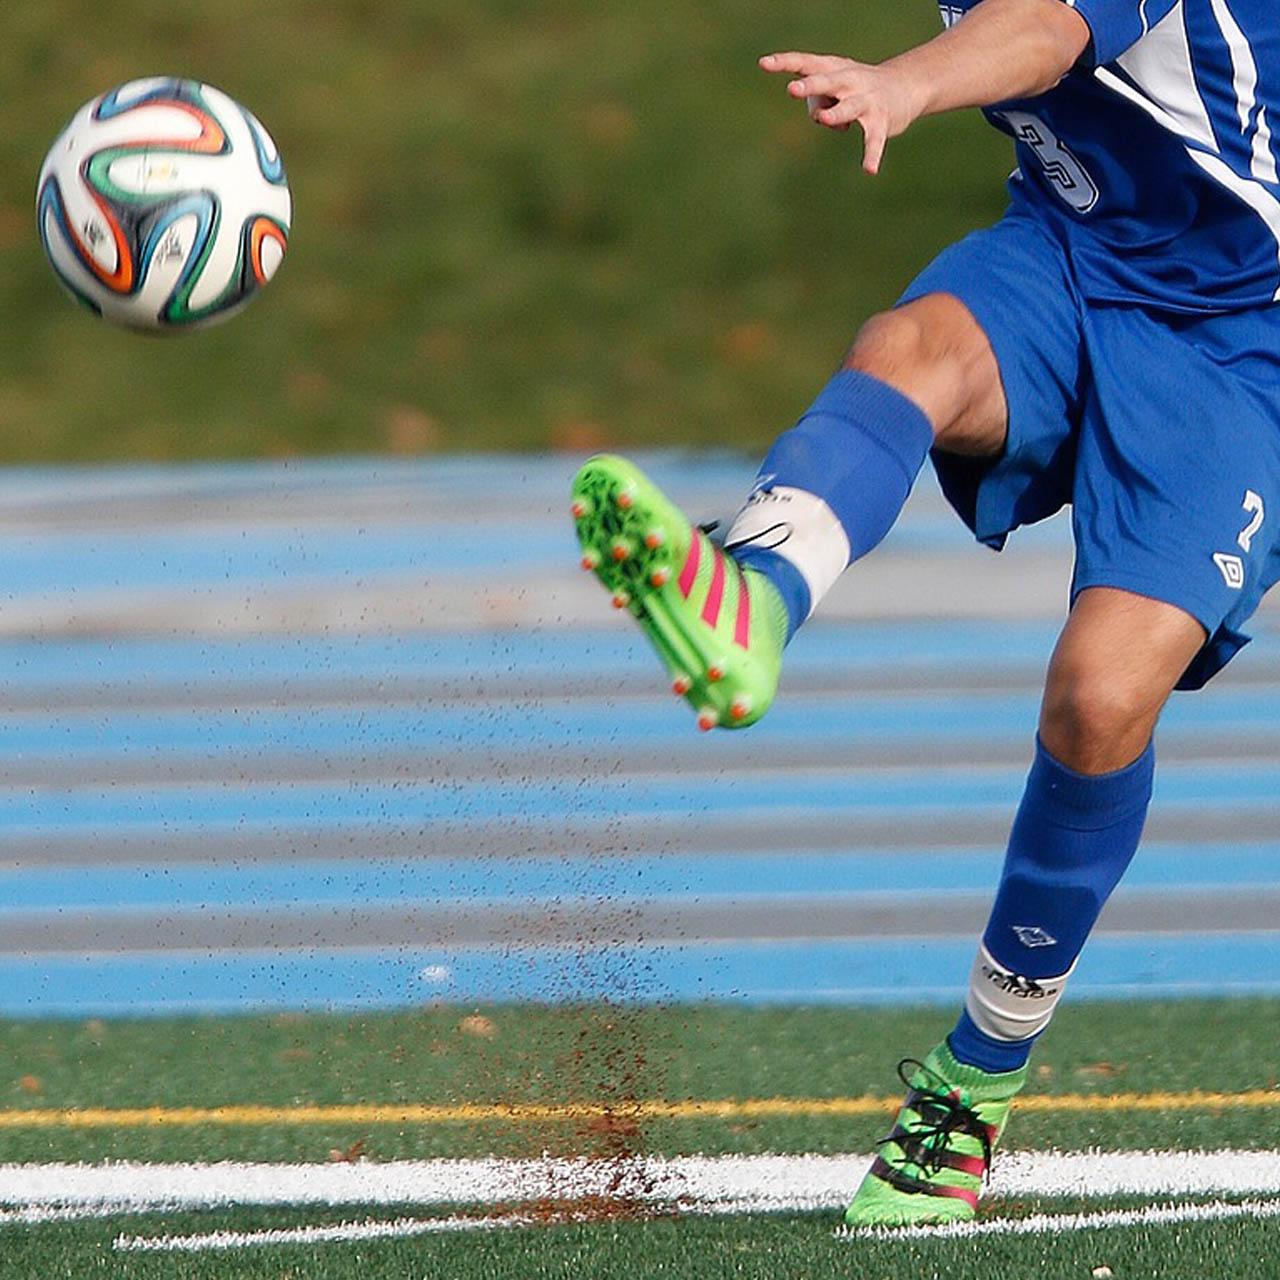 ARPT-knee-ACL-kick.jpg